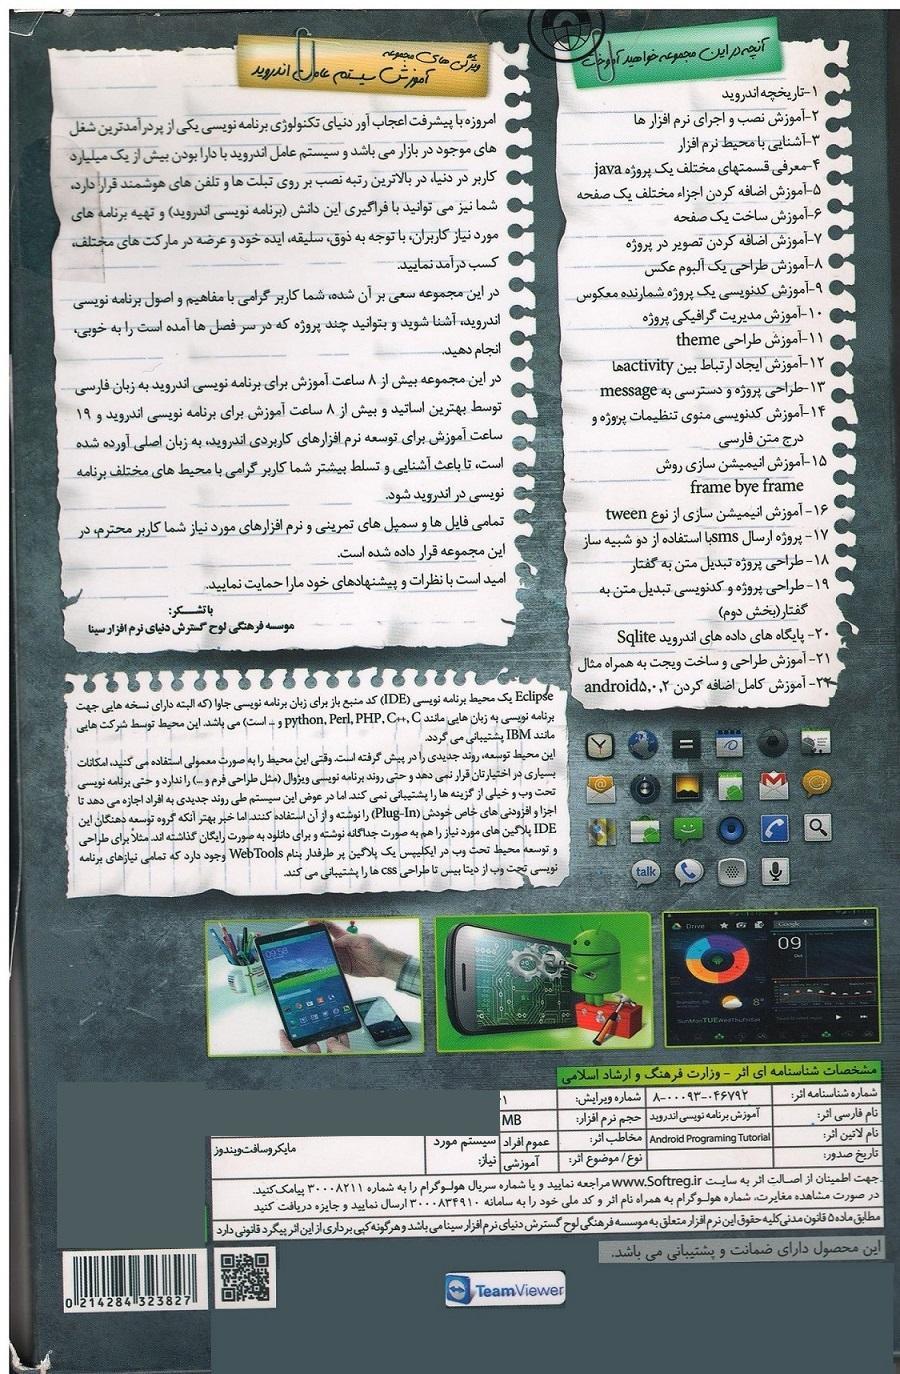 نرم افزار Programming Android - All version - اورجینال